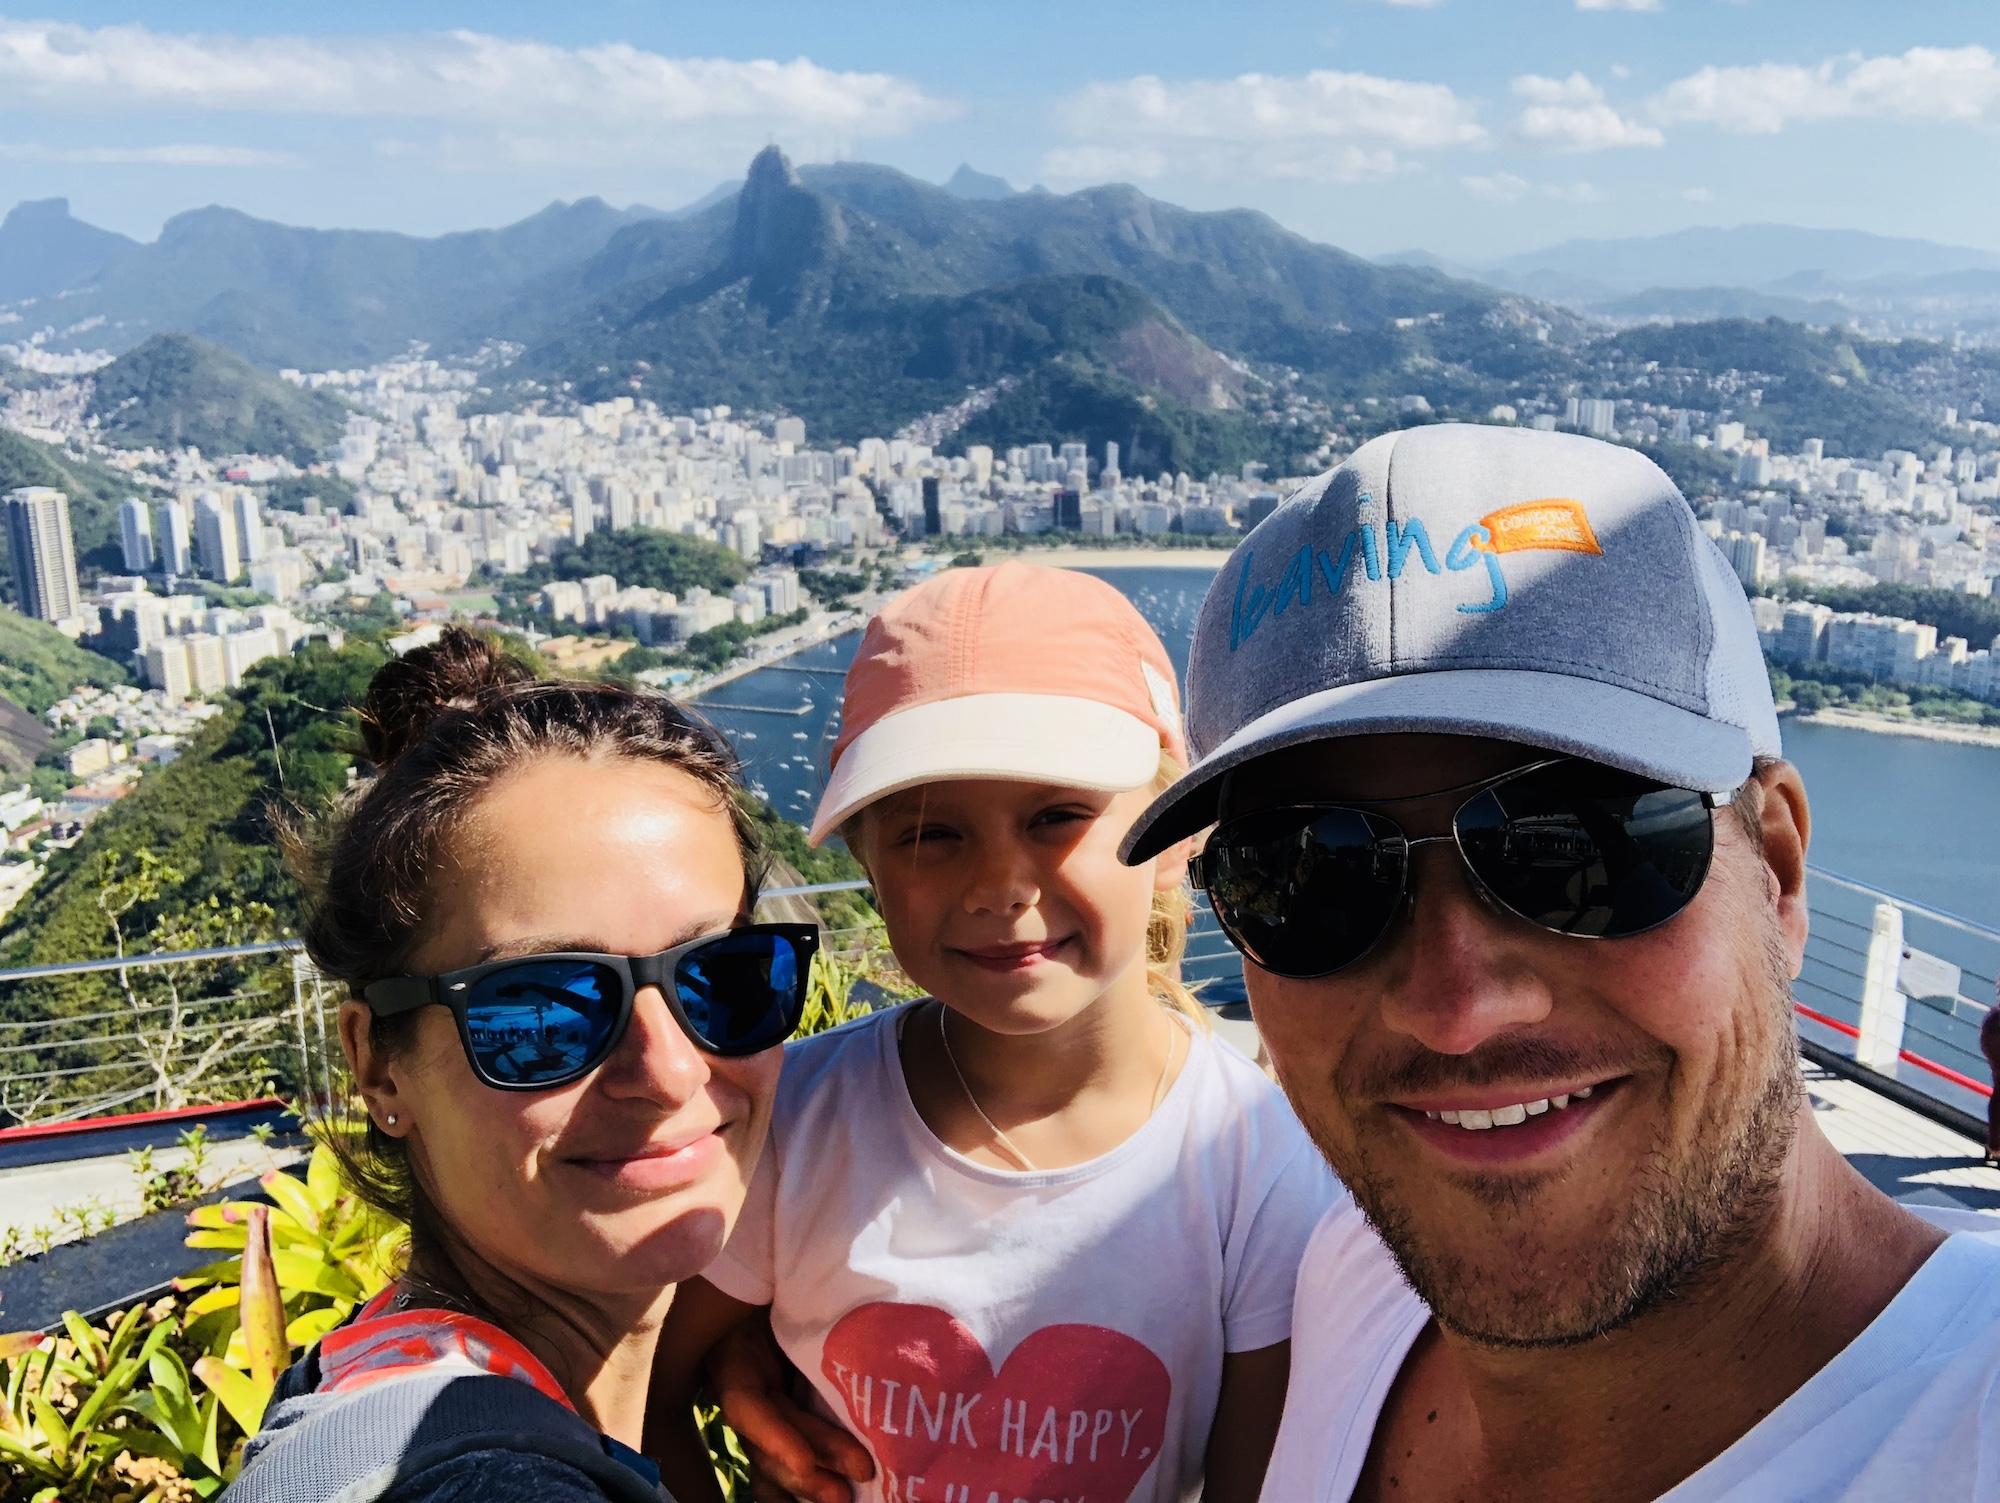 Familie auf dem Zuckerhut in Rio mit der Aussicht im Hintergrund